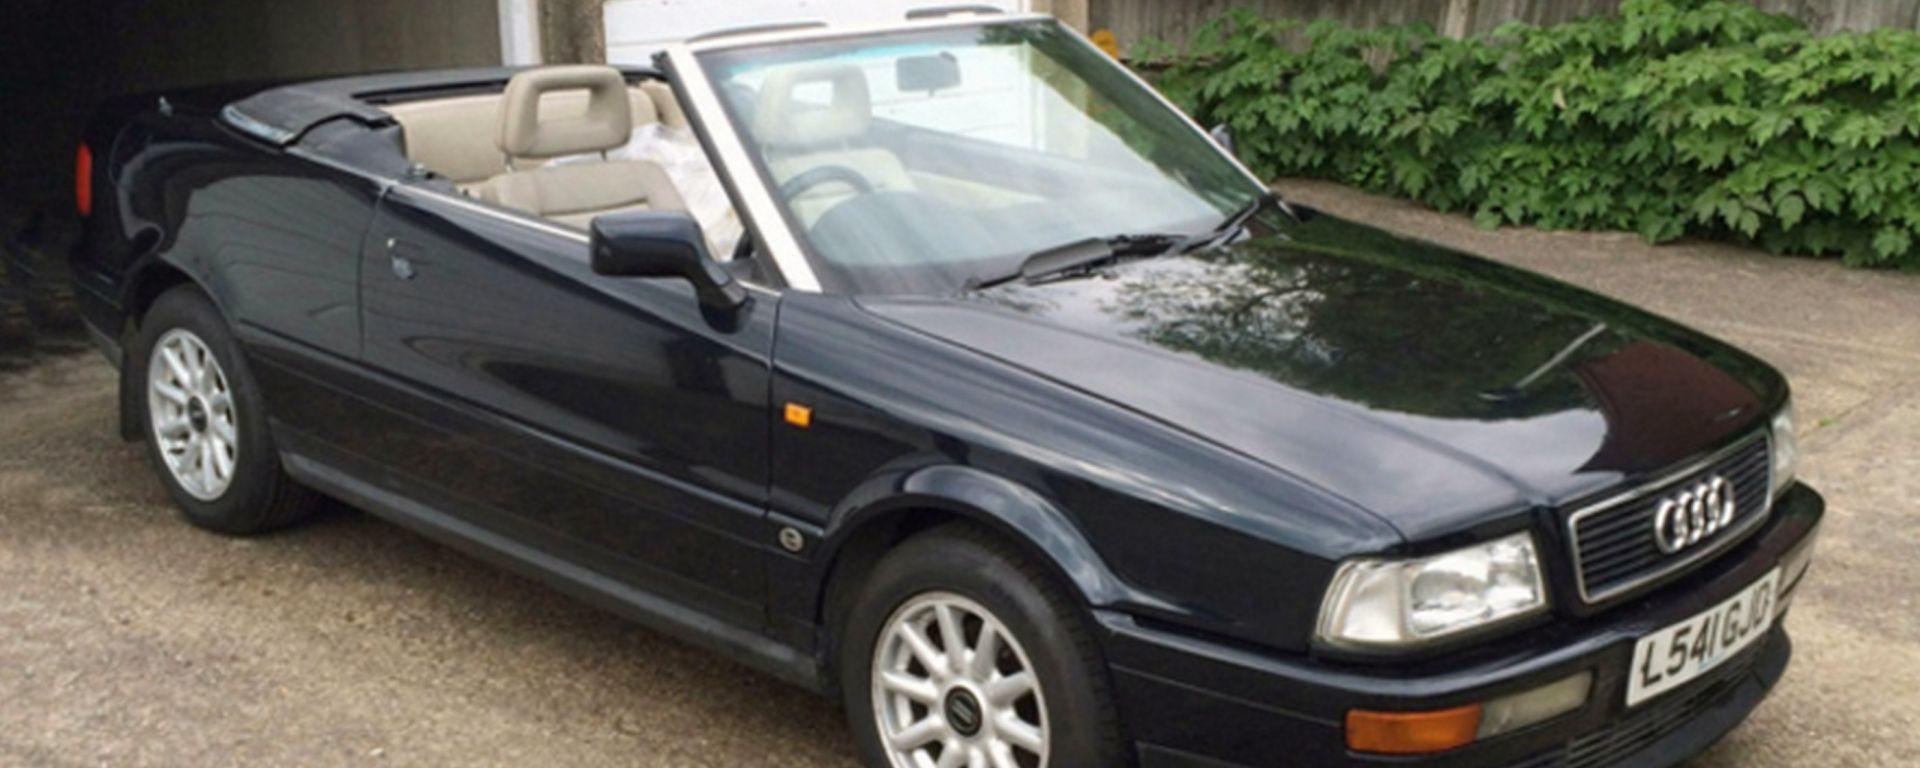 Lady Diana, all'asta l'Audi Cabriolet del 1994